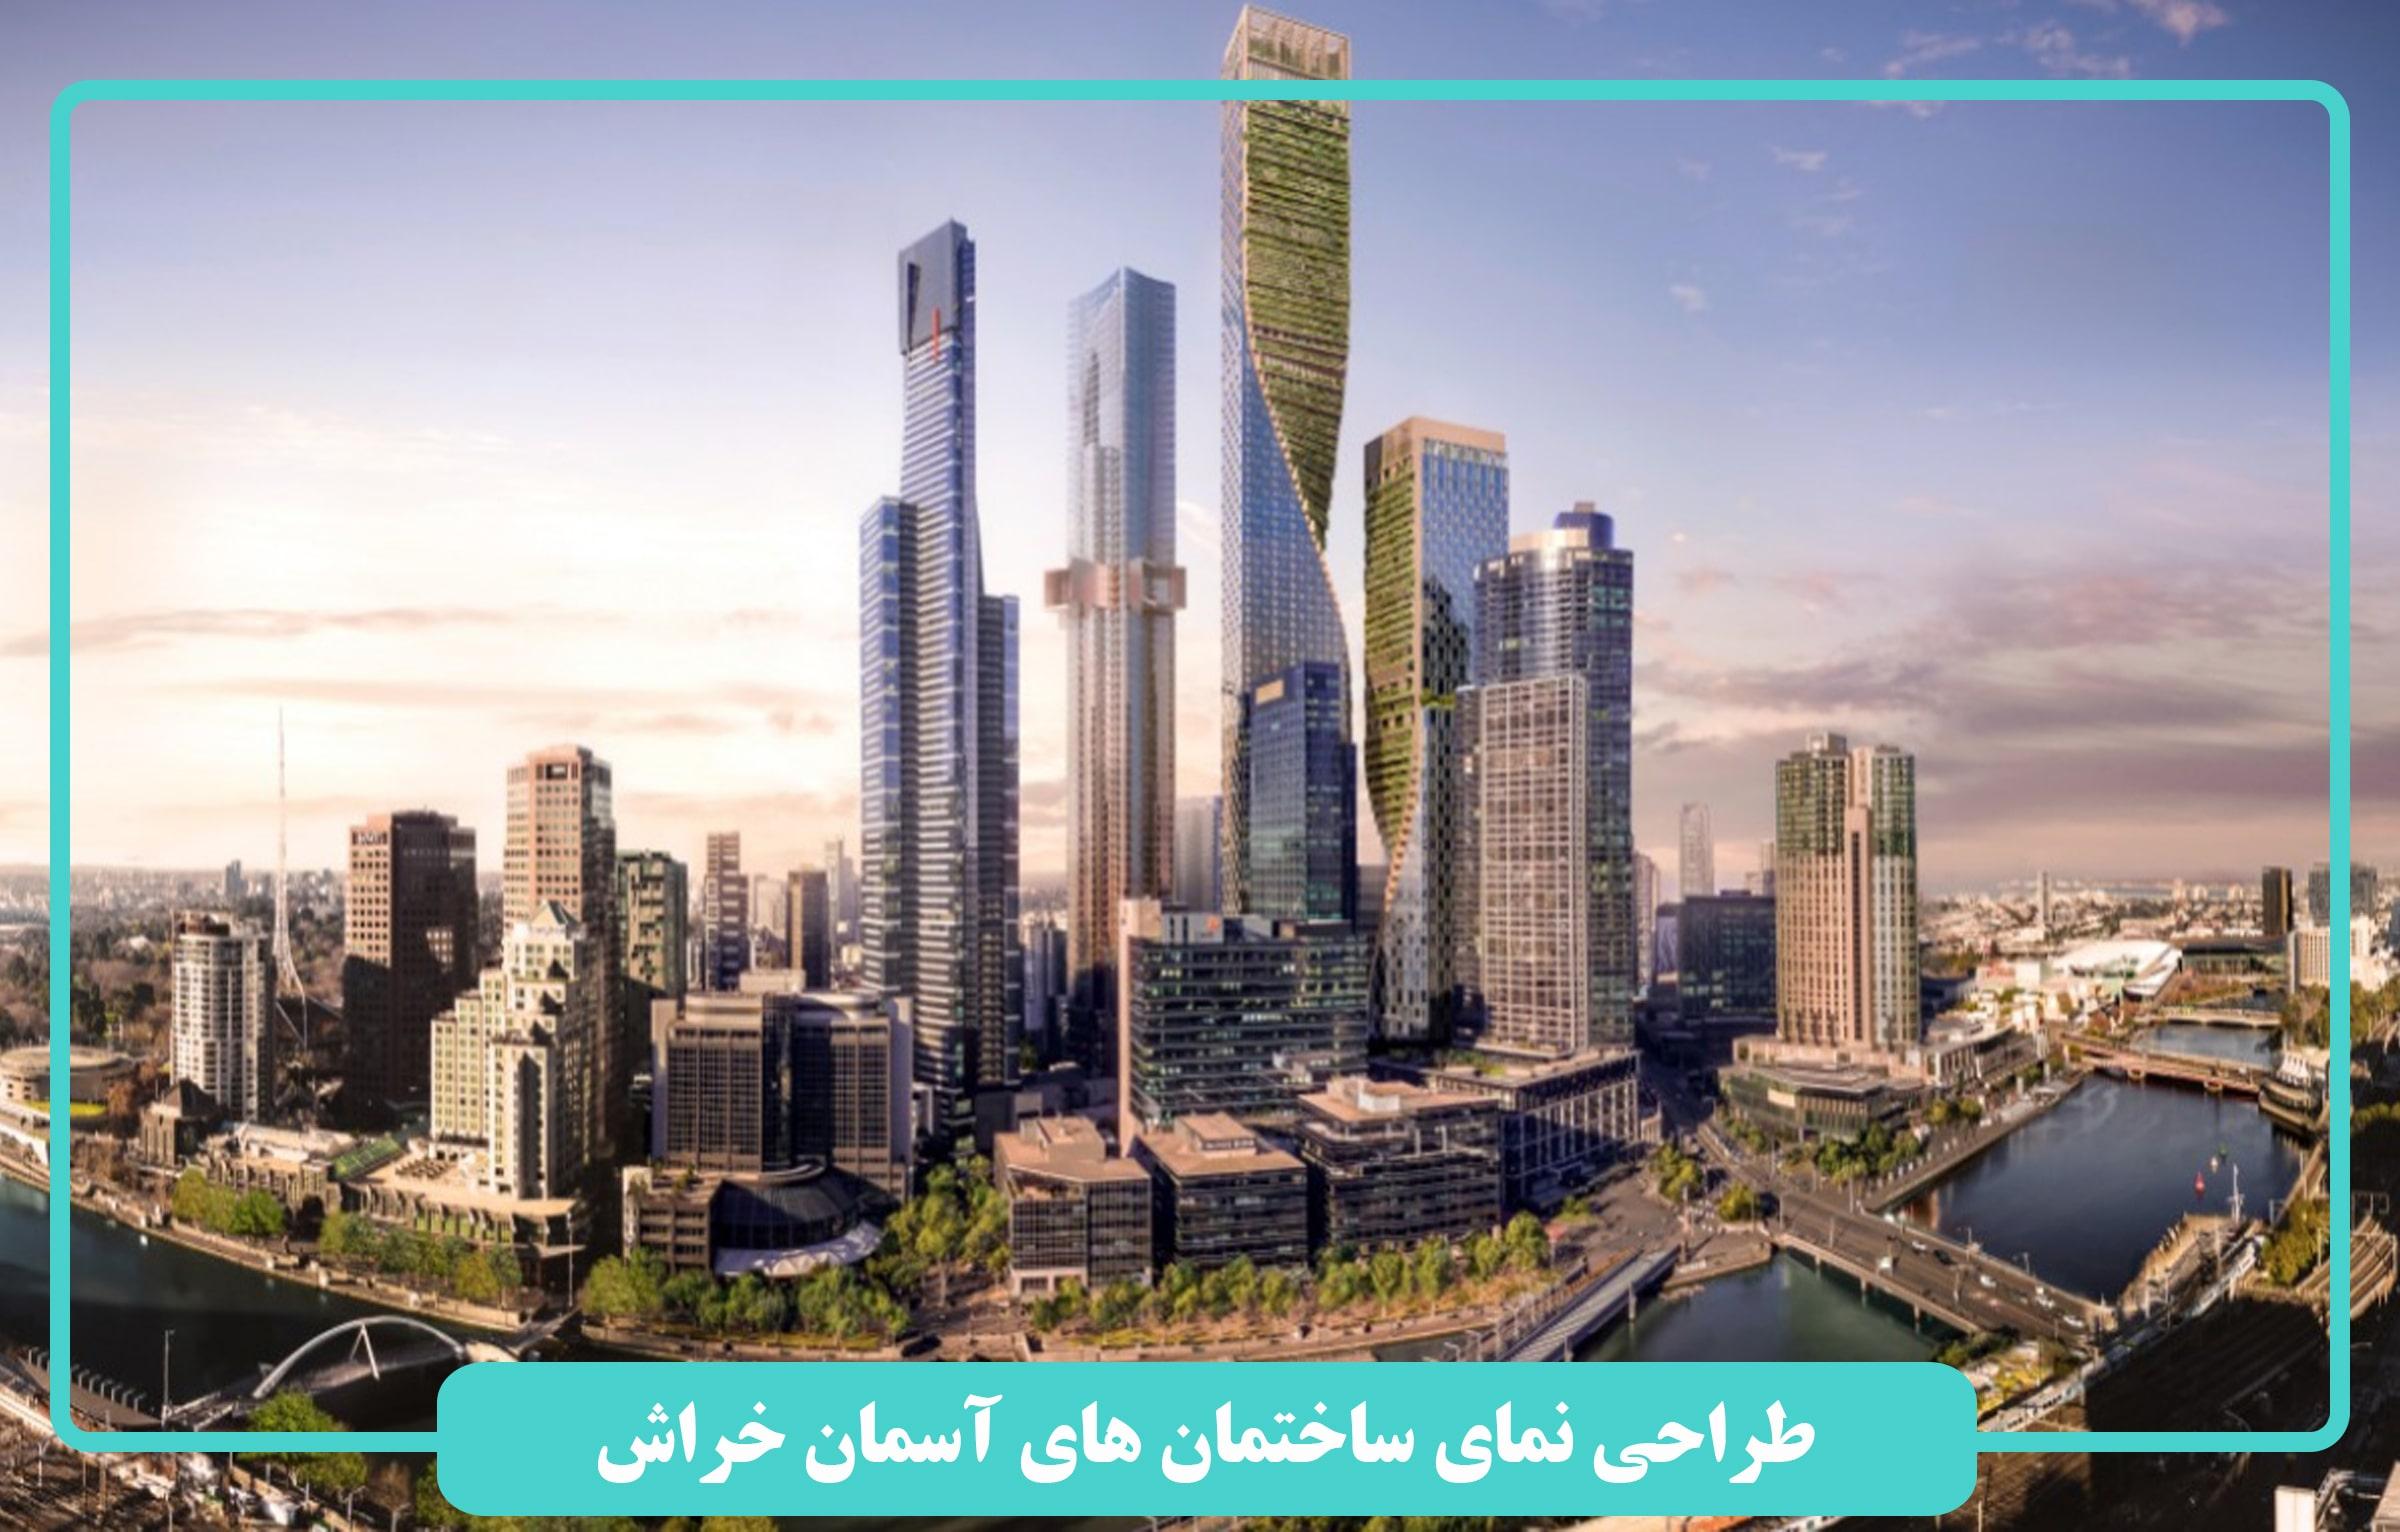 طراحی نمای ساختمان های آسمان خراش